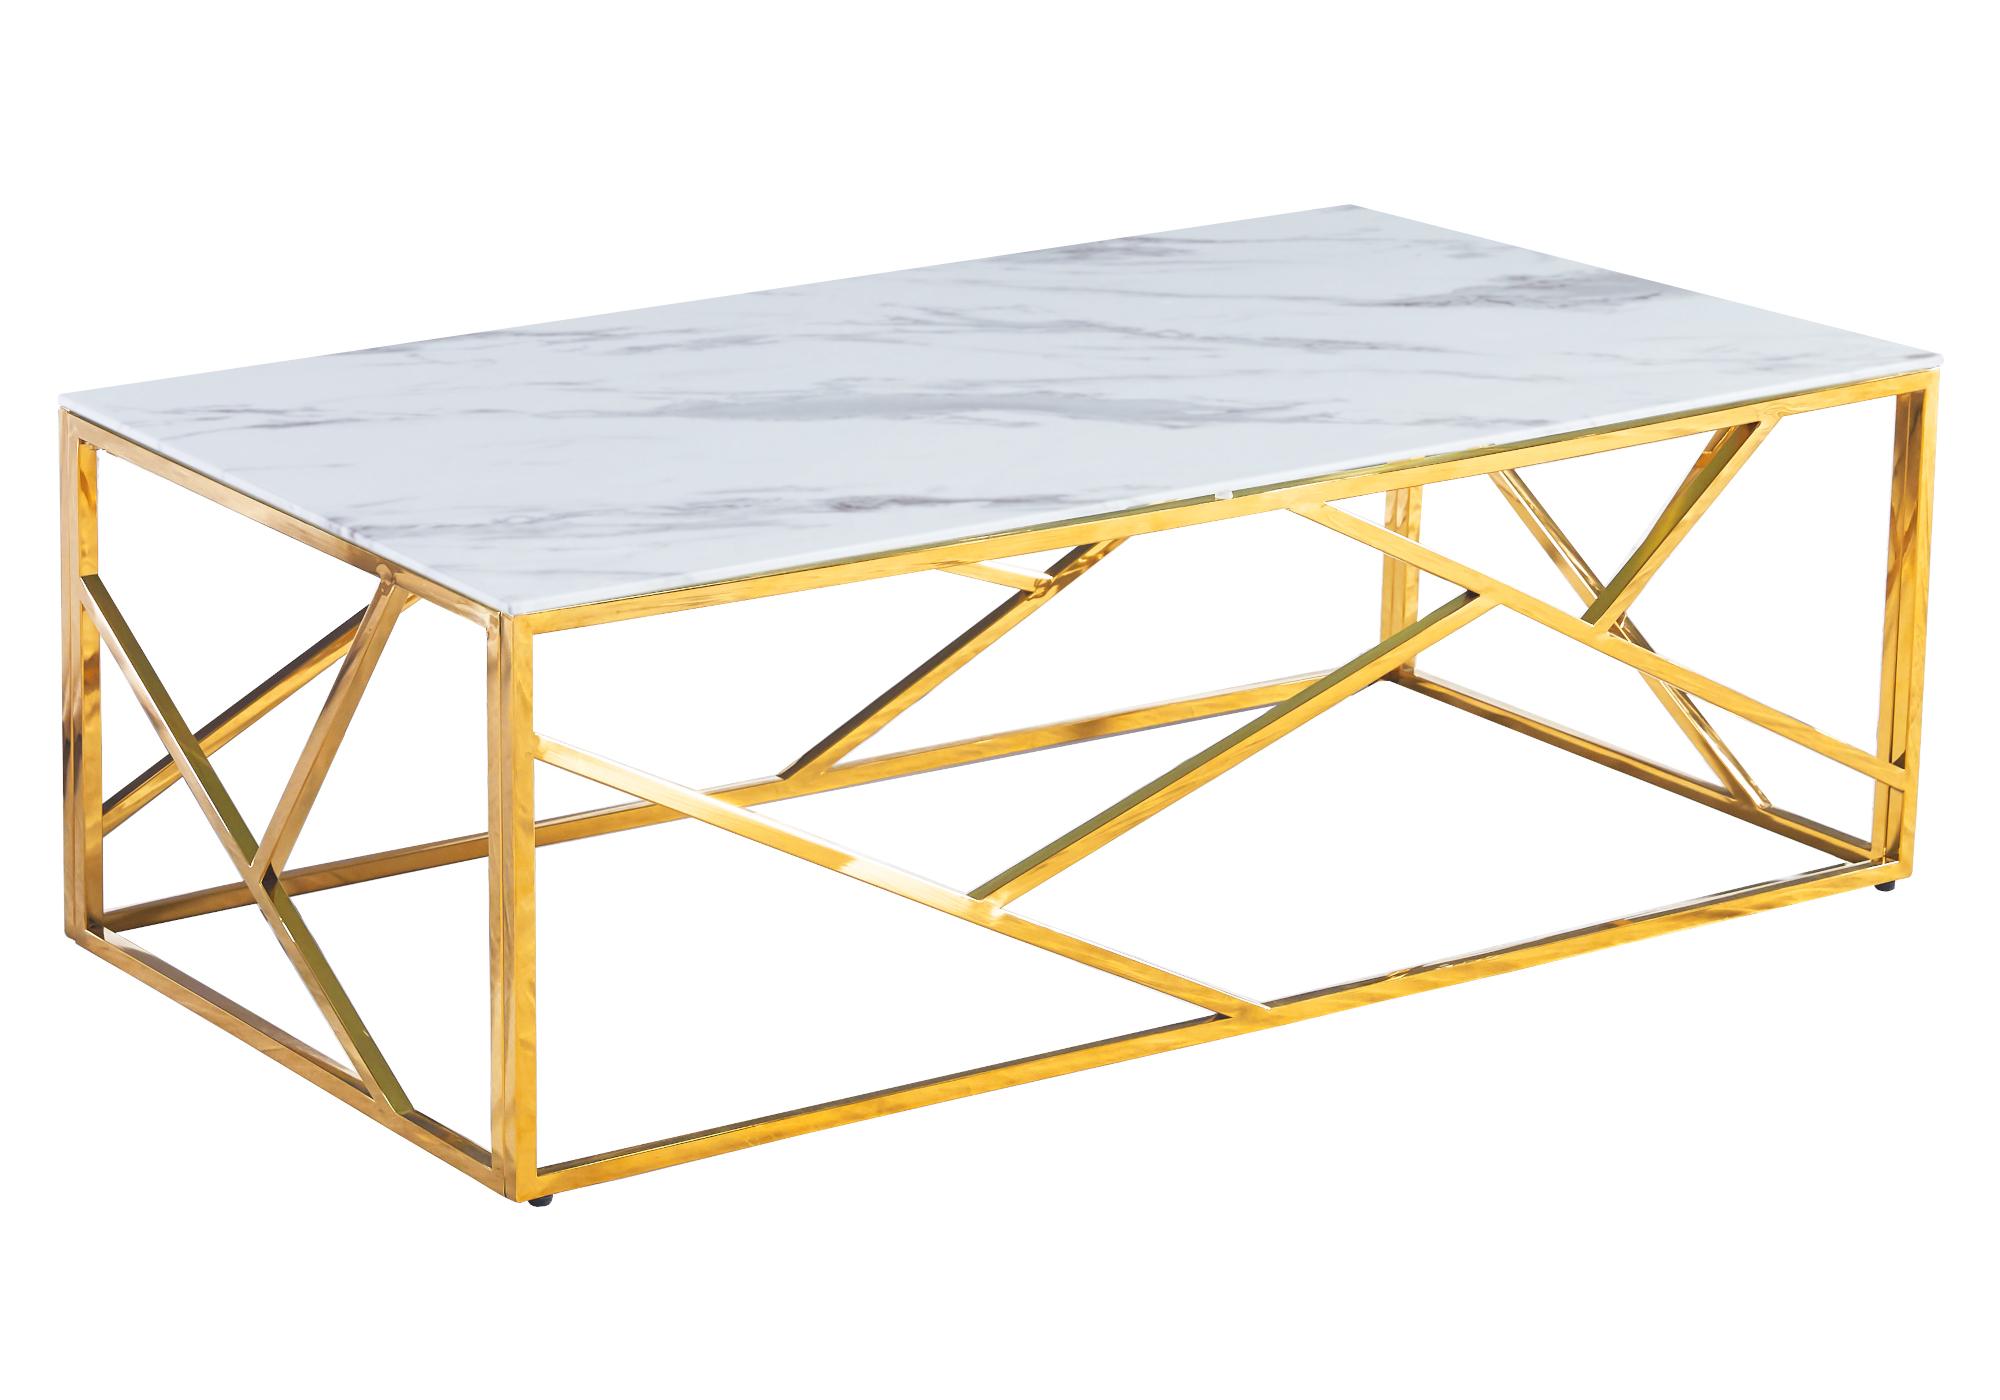 Table basse dorée marbre blanc ILÉA